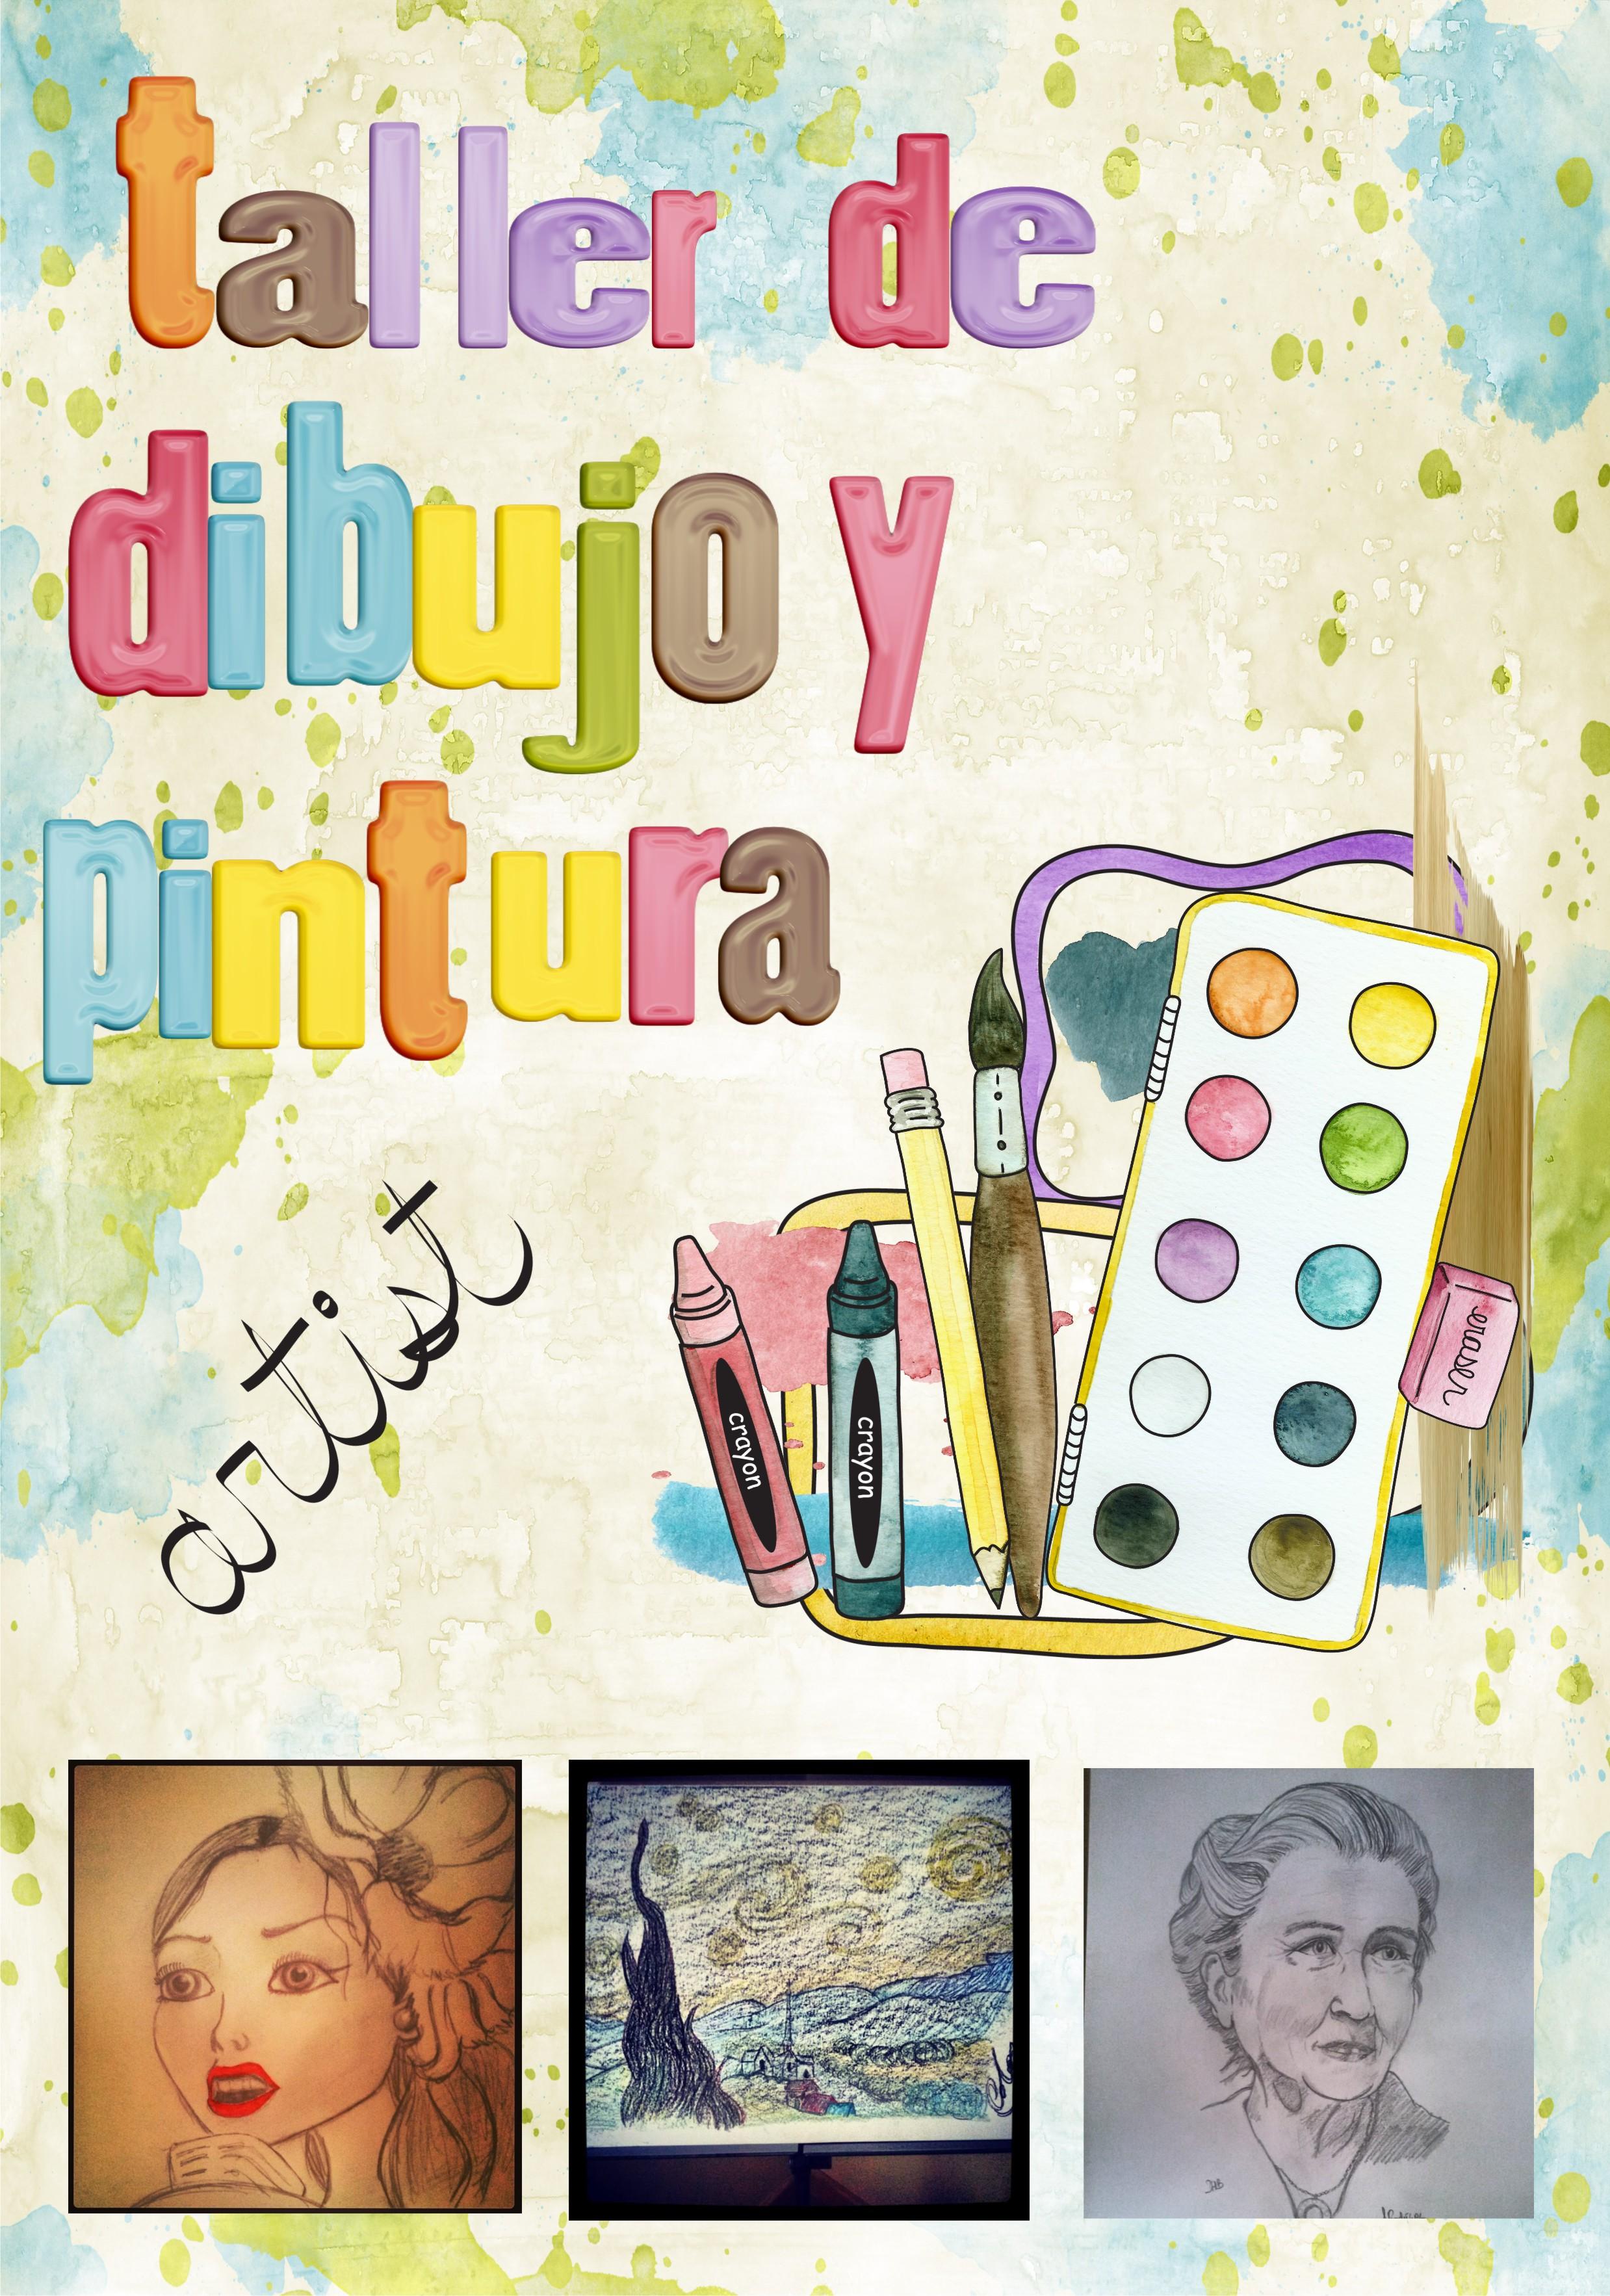 Taller de dibujo y pintura para niños | La nube de cristal